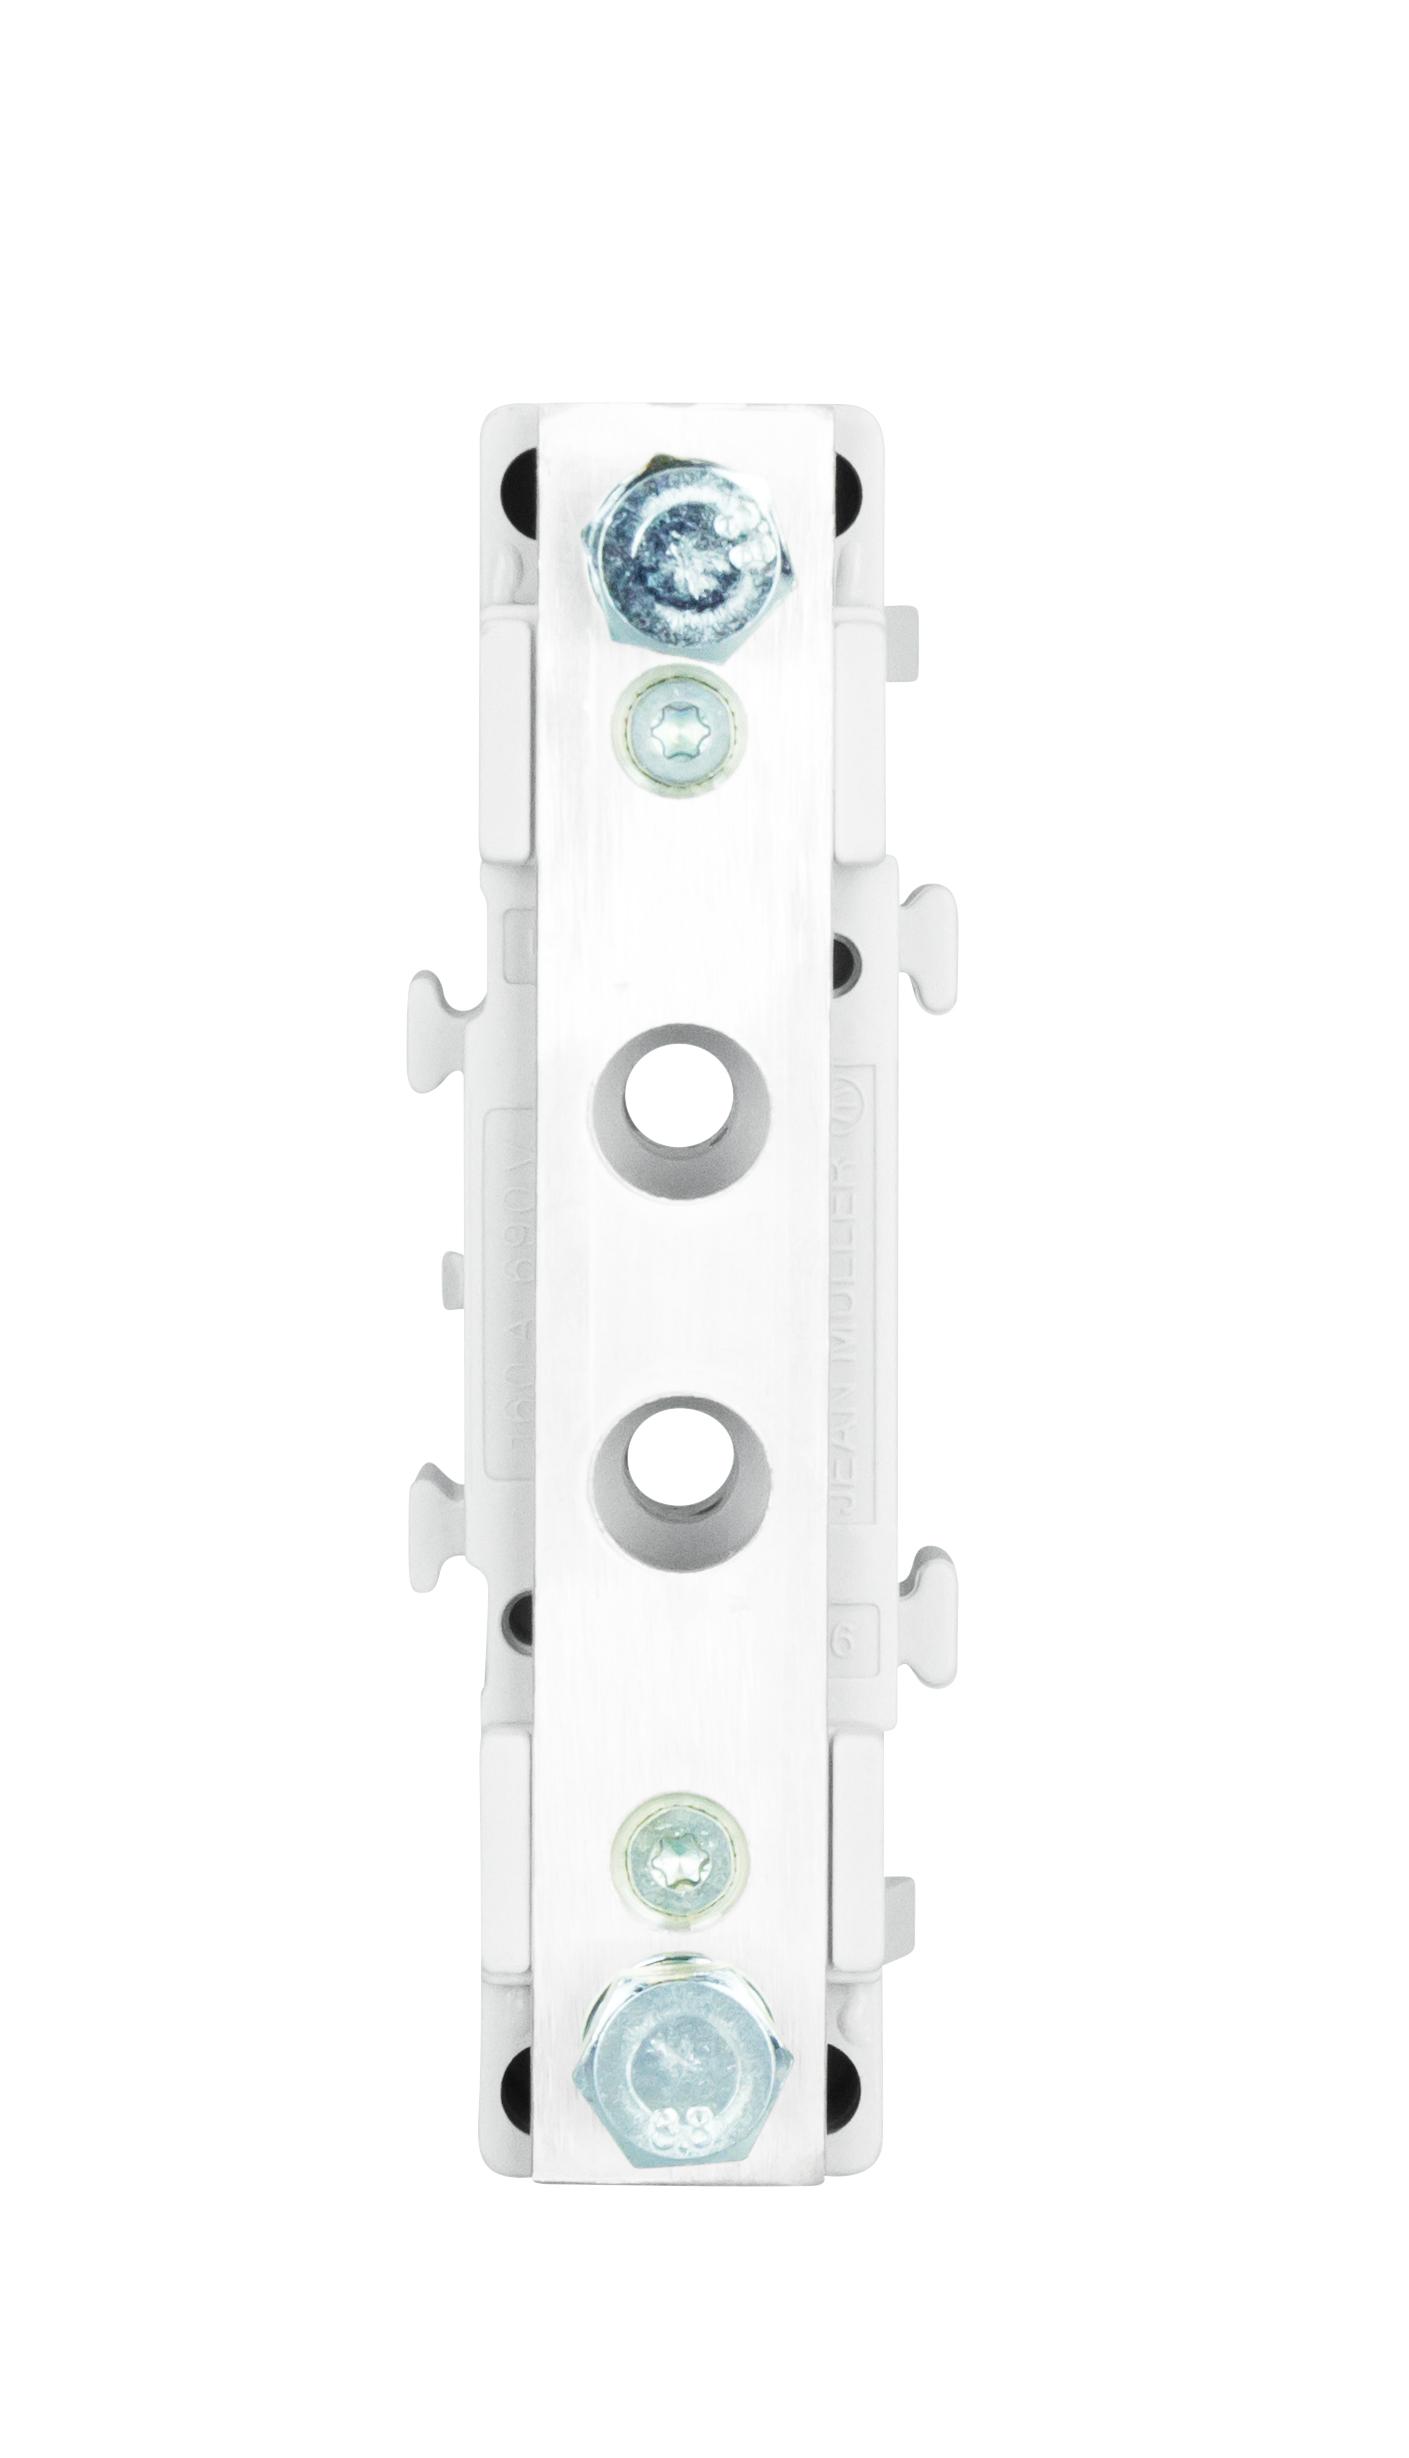 1 Stk Nullleiter-Stütze 1-polig, Größe 00, 2 x M8 ISA05043--